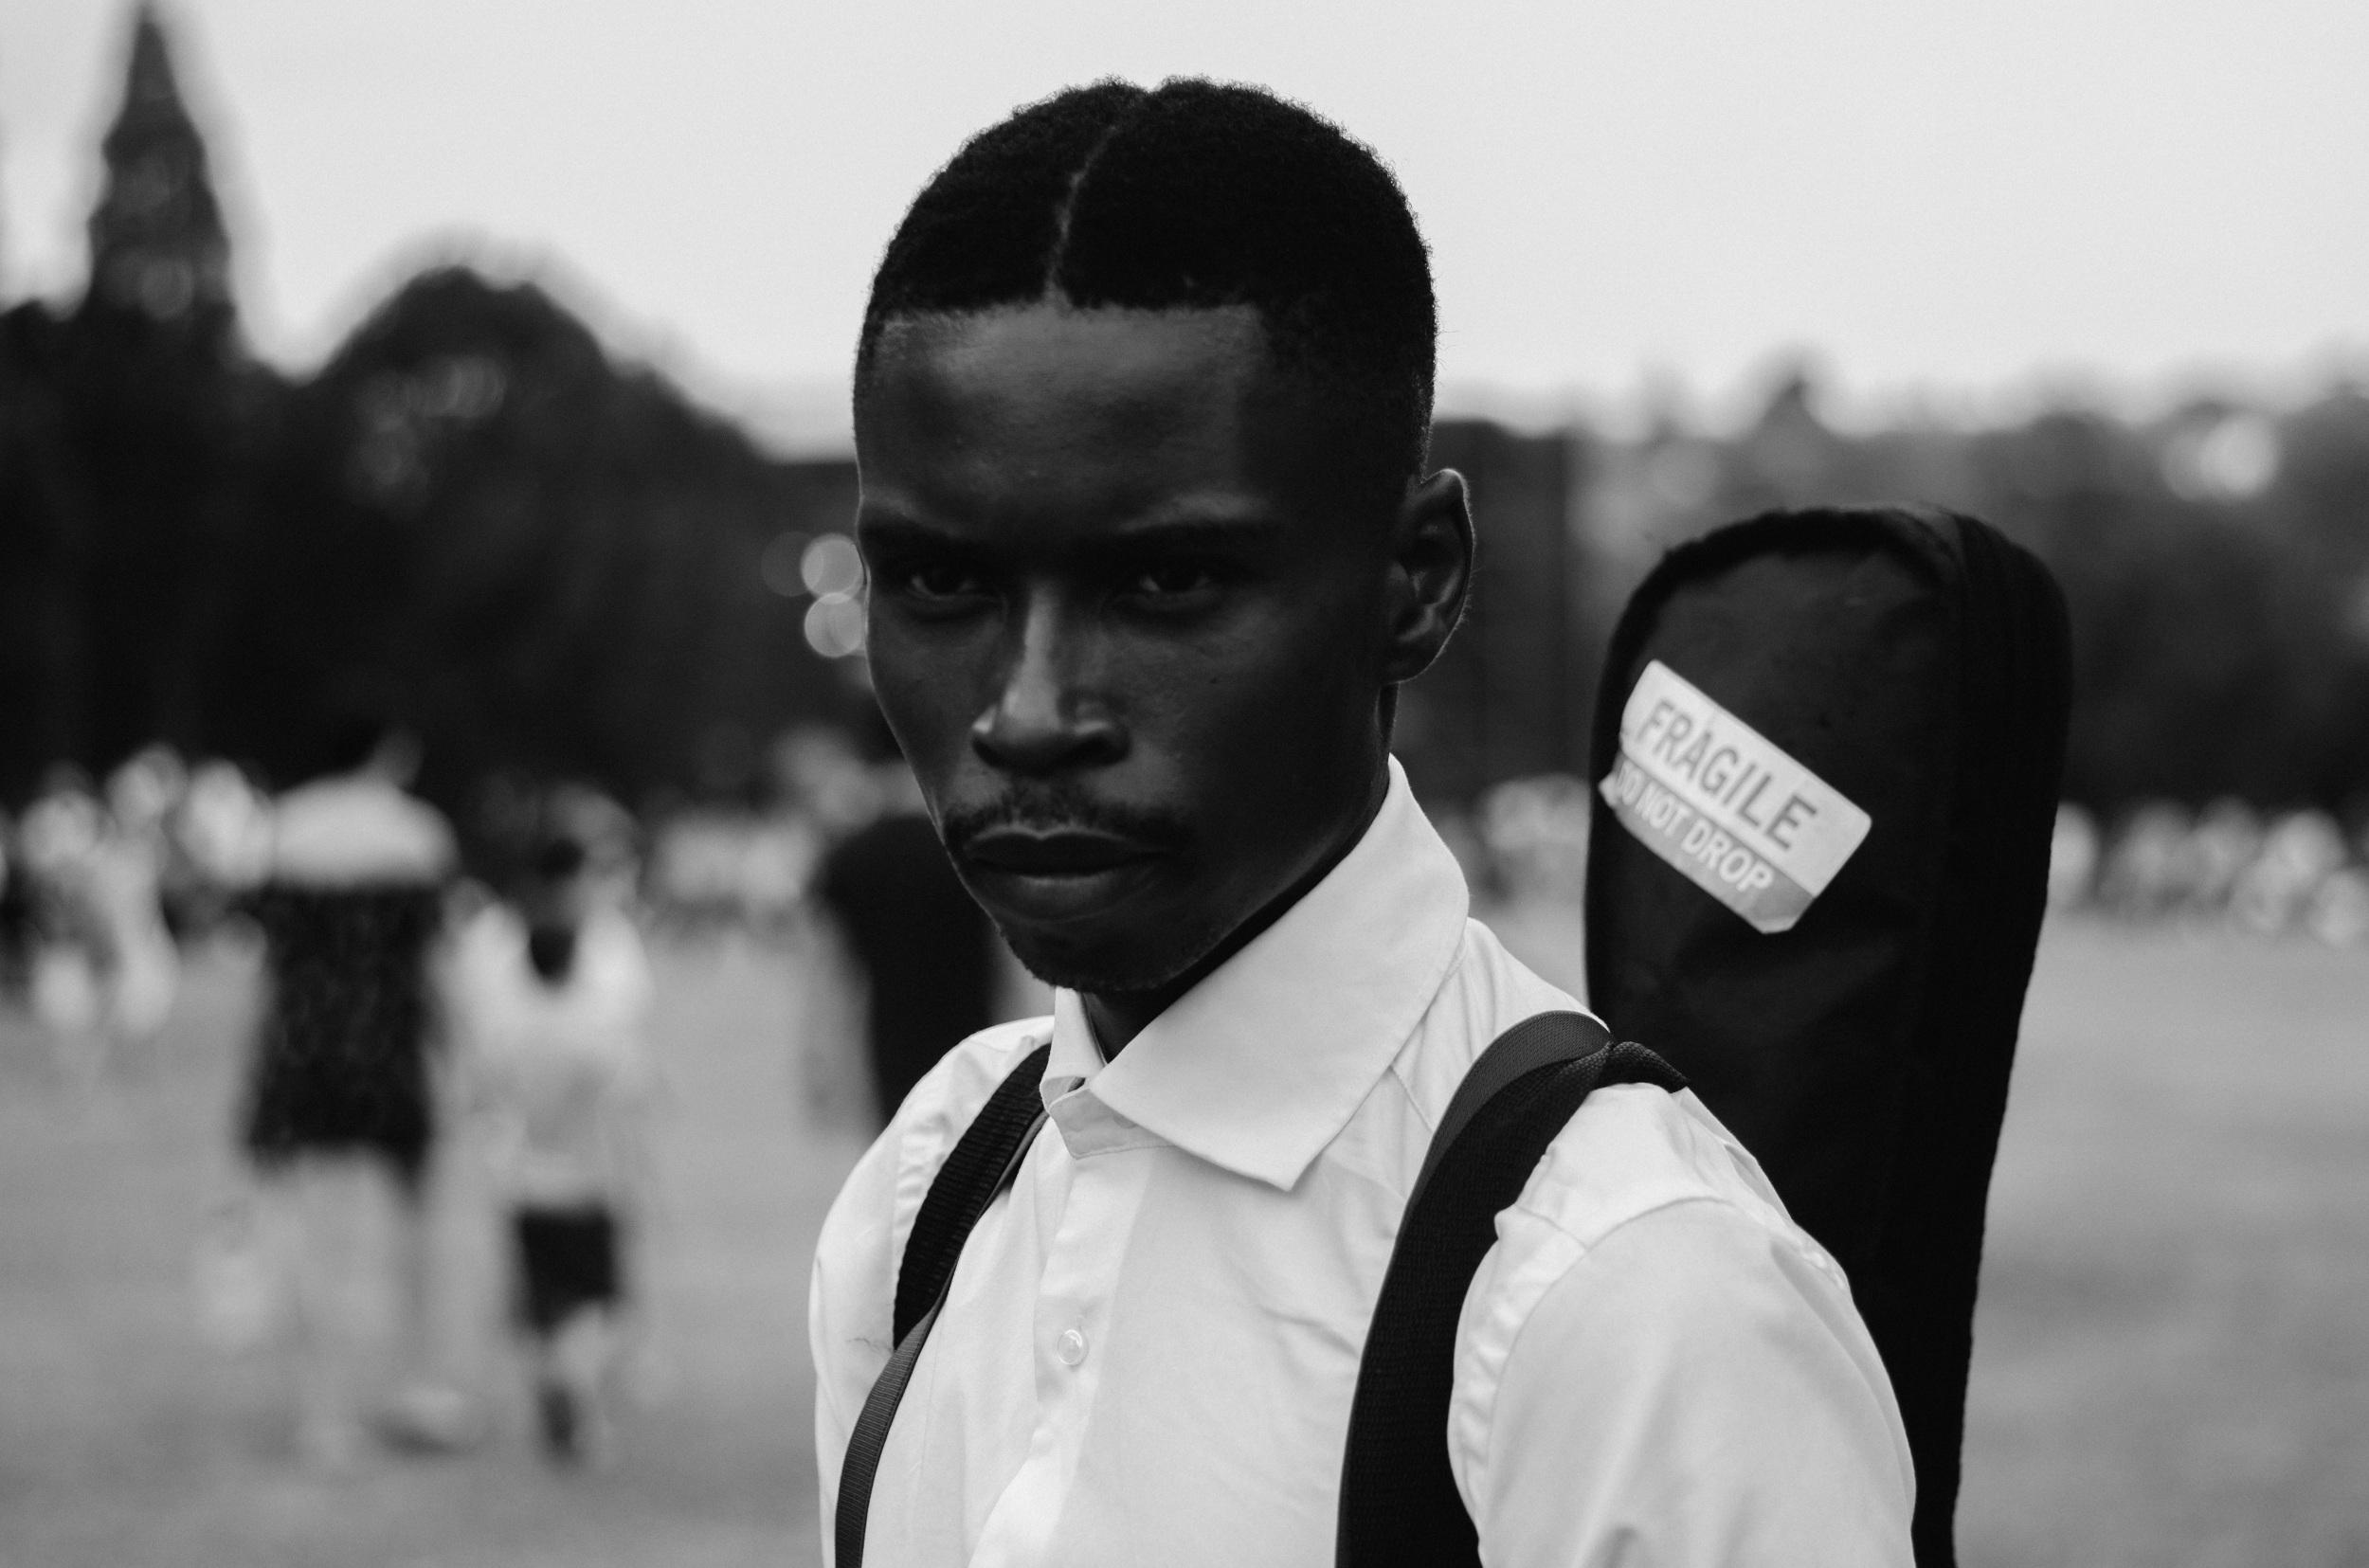 bongeziwe_sowingtheseeds-3768_image by Tšeliso Monaheng.jpg